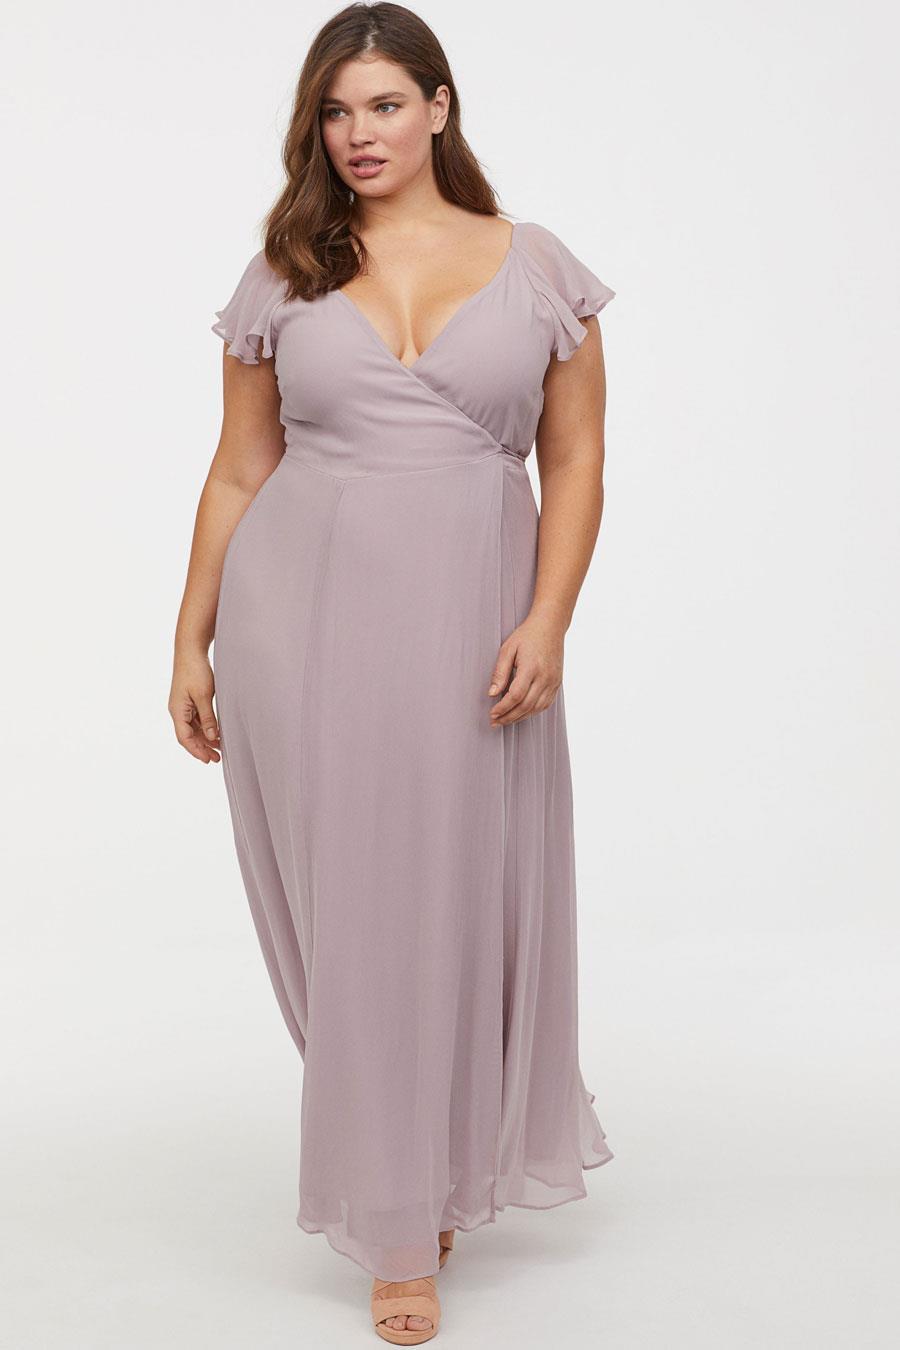 c4024d7d46 vestidos moda primavera verano 2019 para gorditas de invitada largo. Vestido  de invitada perfecto